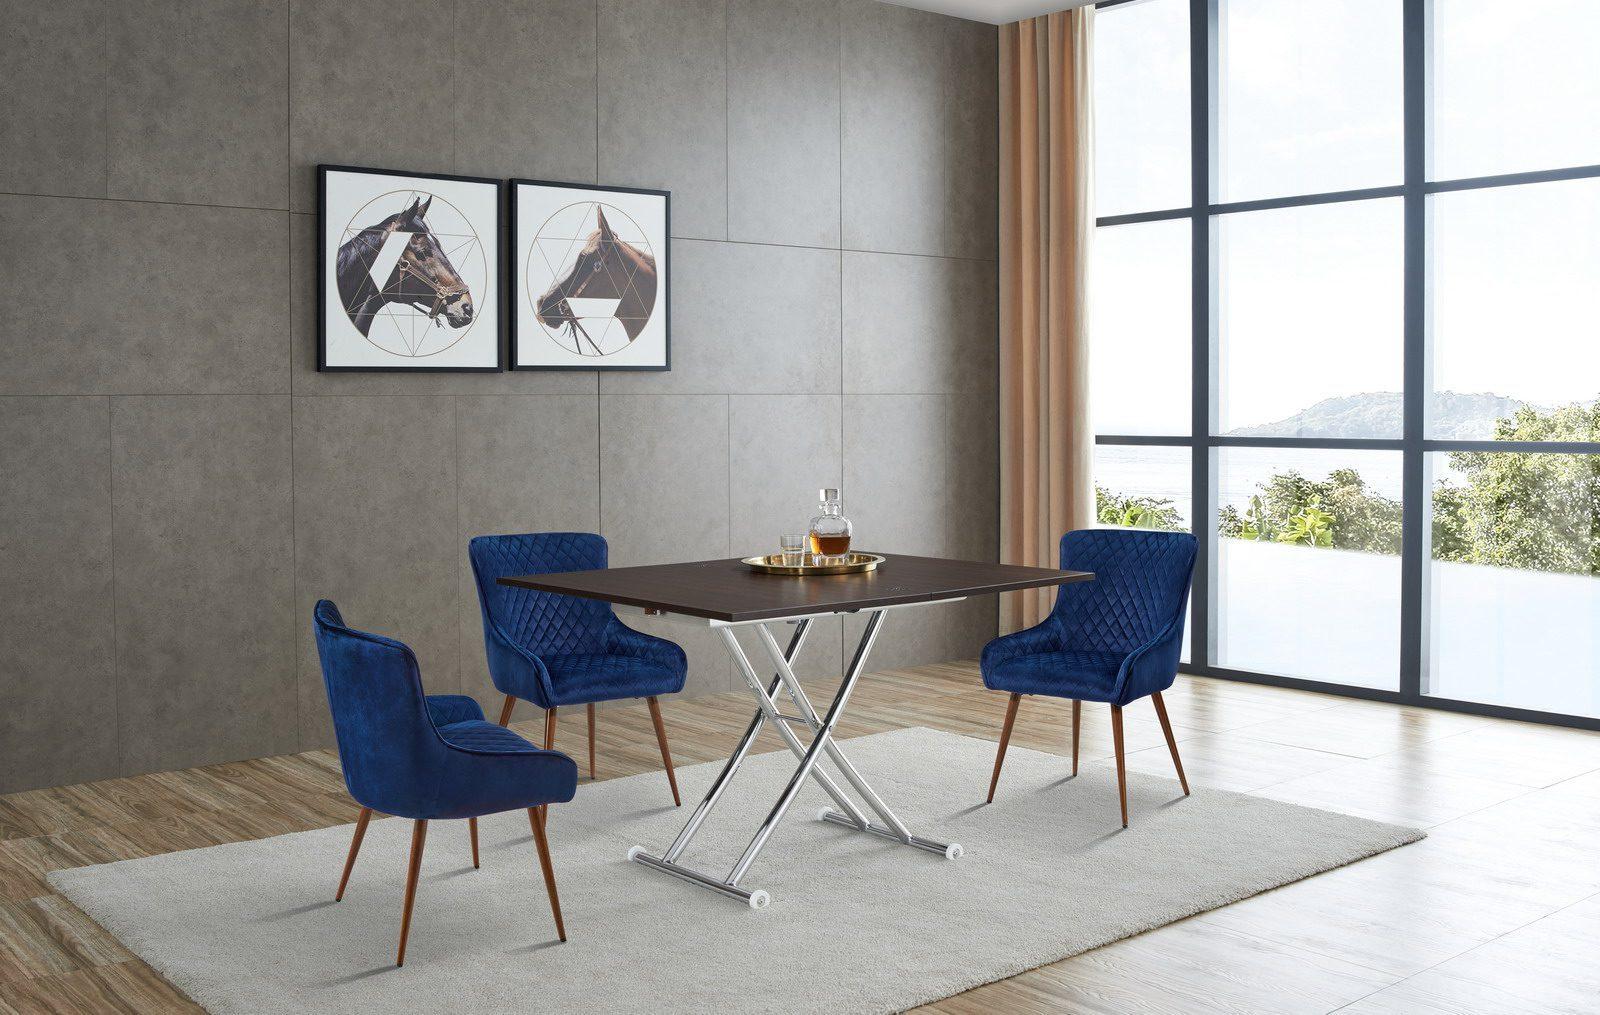 Стол-трансформер ESF В2219 AG венге и стулья 9-19A синии (blue)